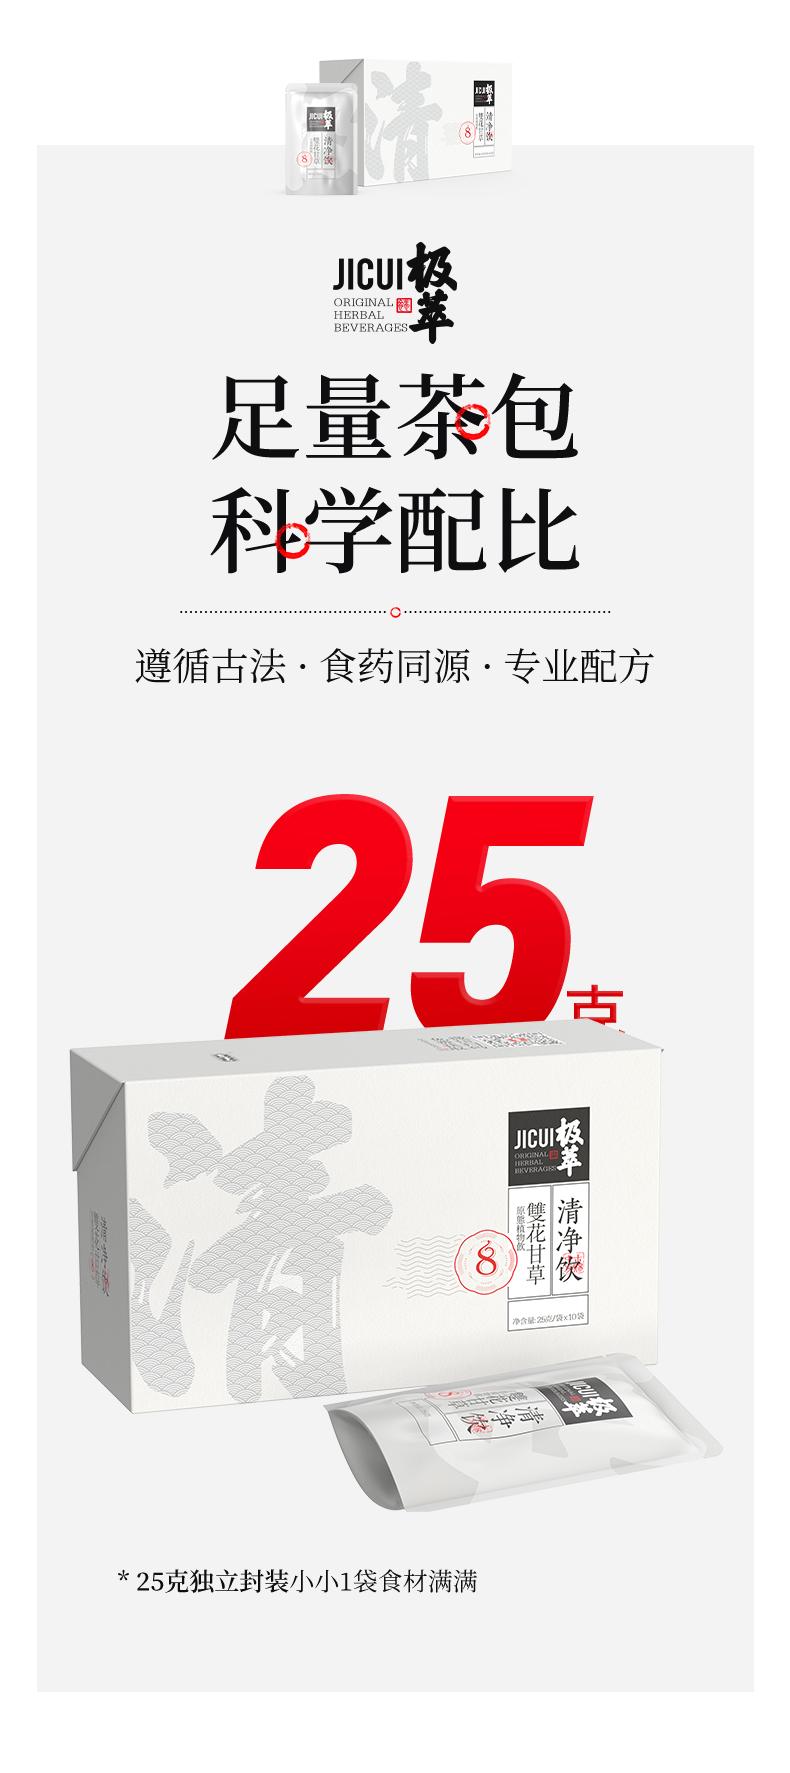 8號藥方_05.jpg